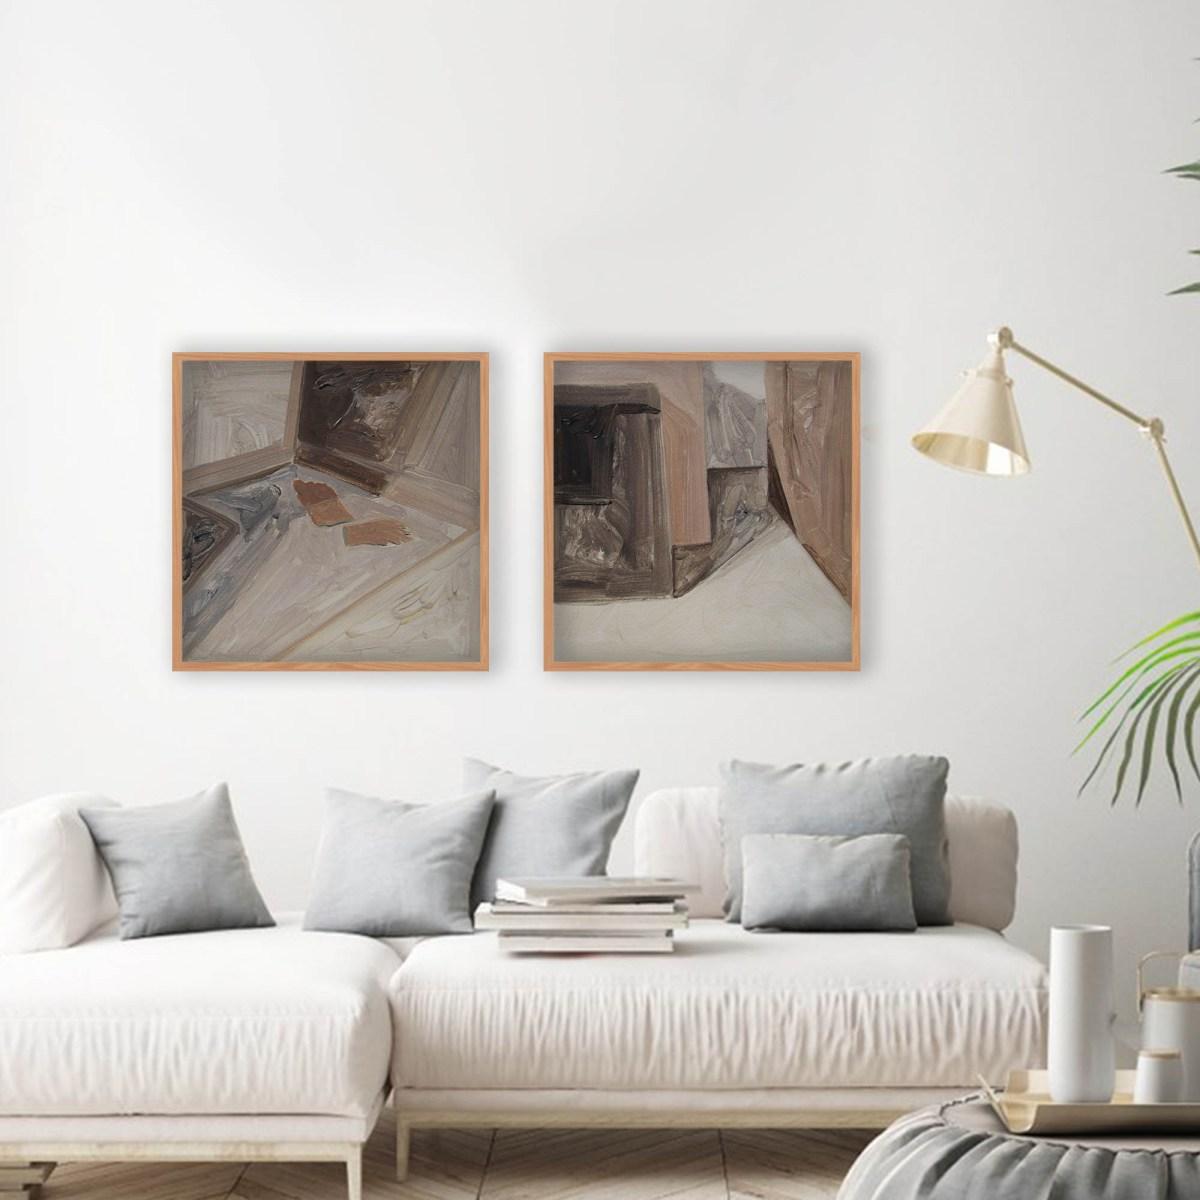 Oleo sobre papel de la artista Alicia Ayanegui sobre sillón blanco en situación de decoración